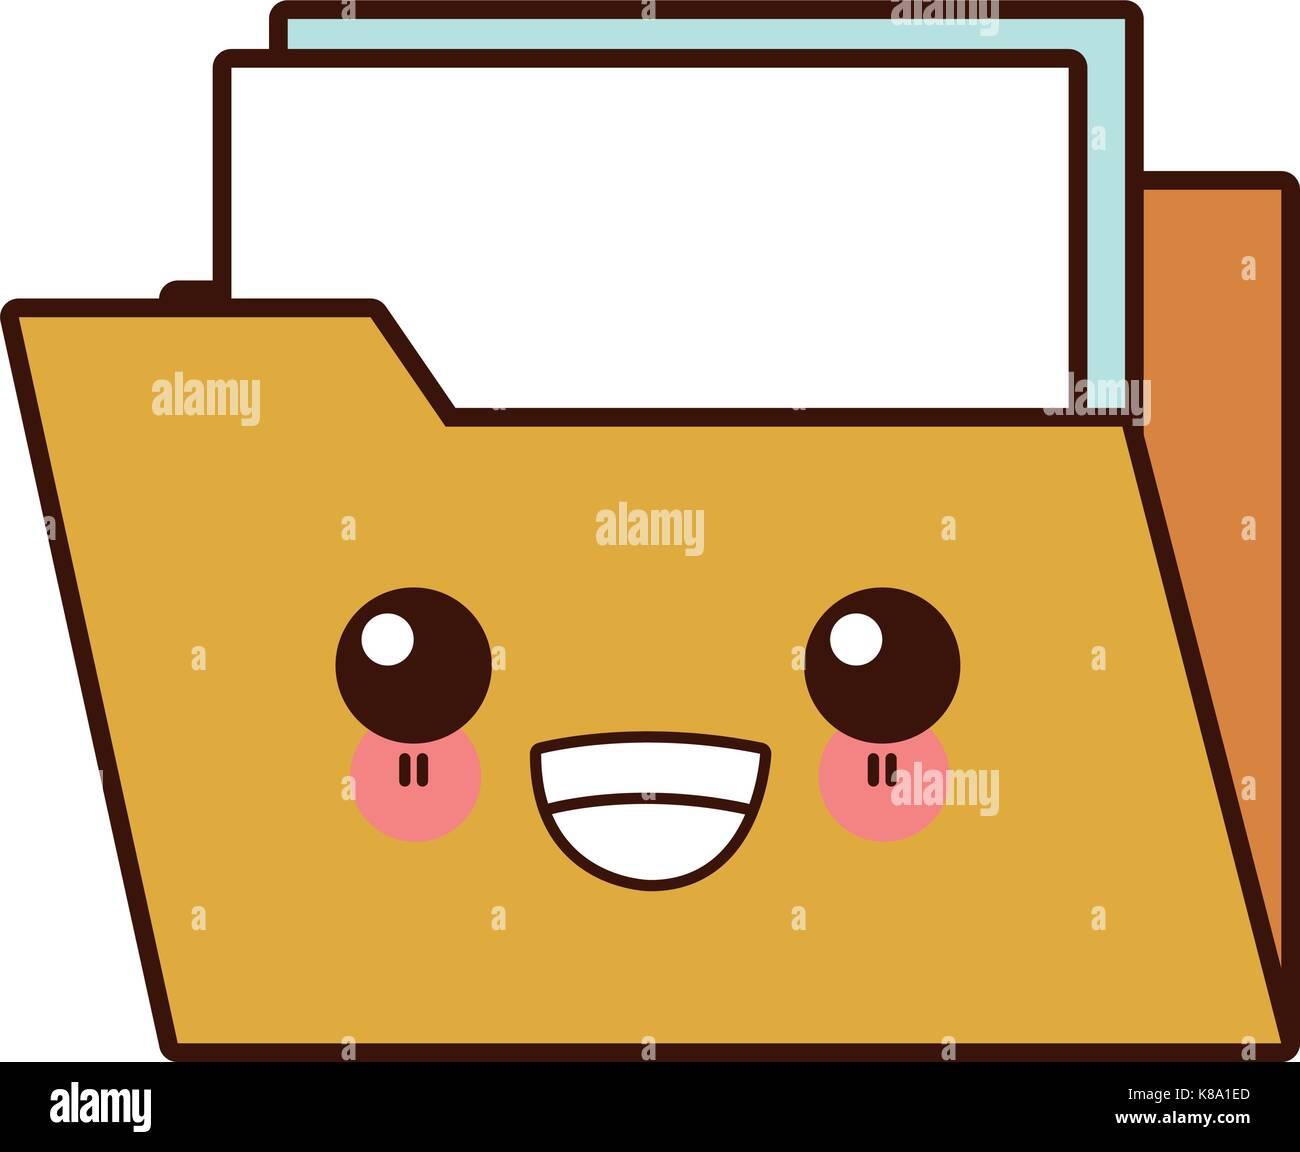 Abrir Carpeta Símbolo Cute Kawaii Cartoon Ilustración Del